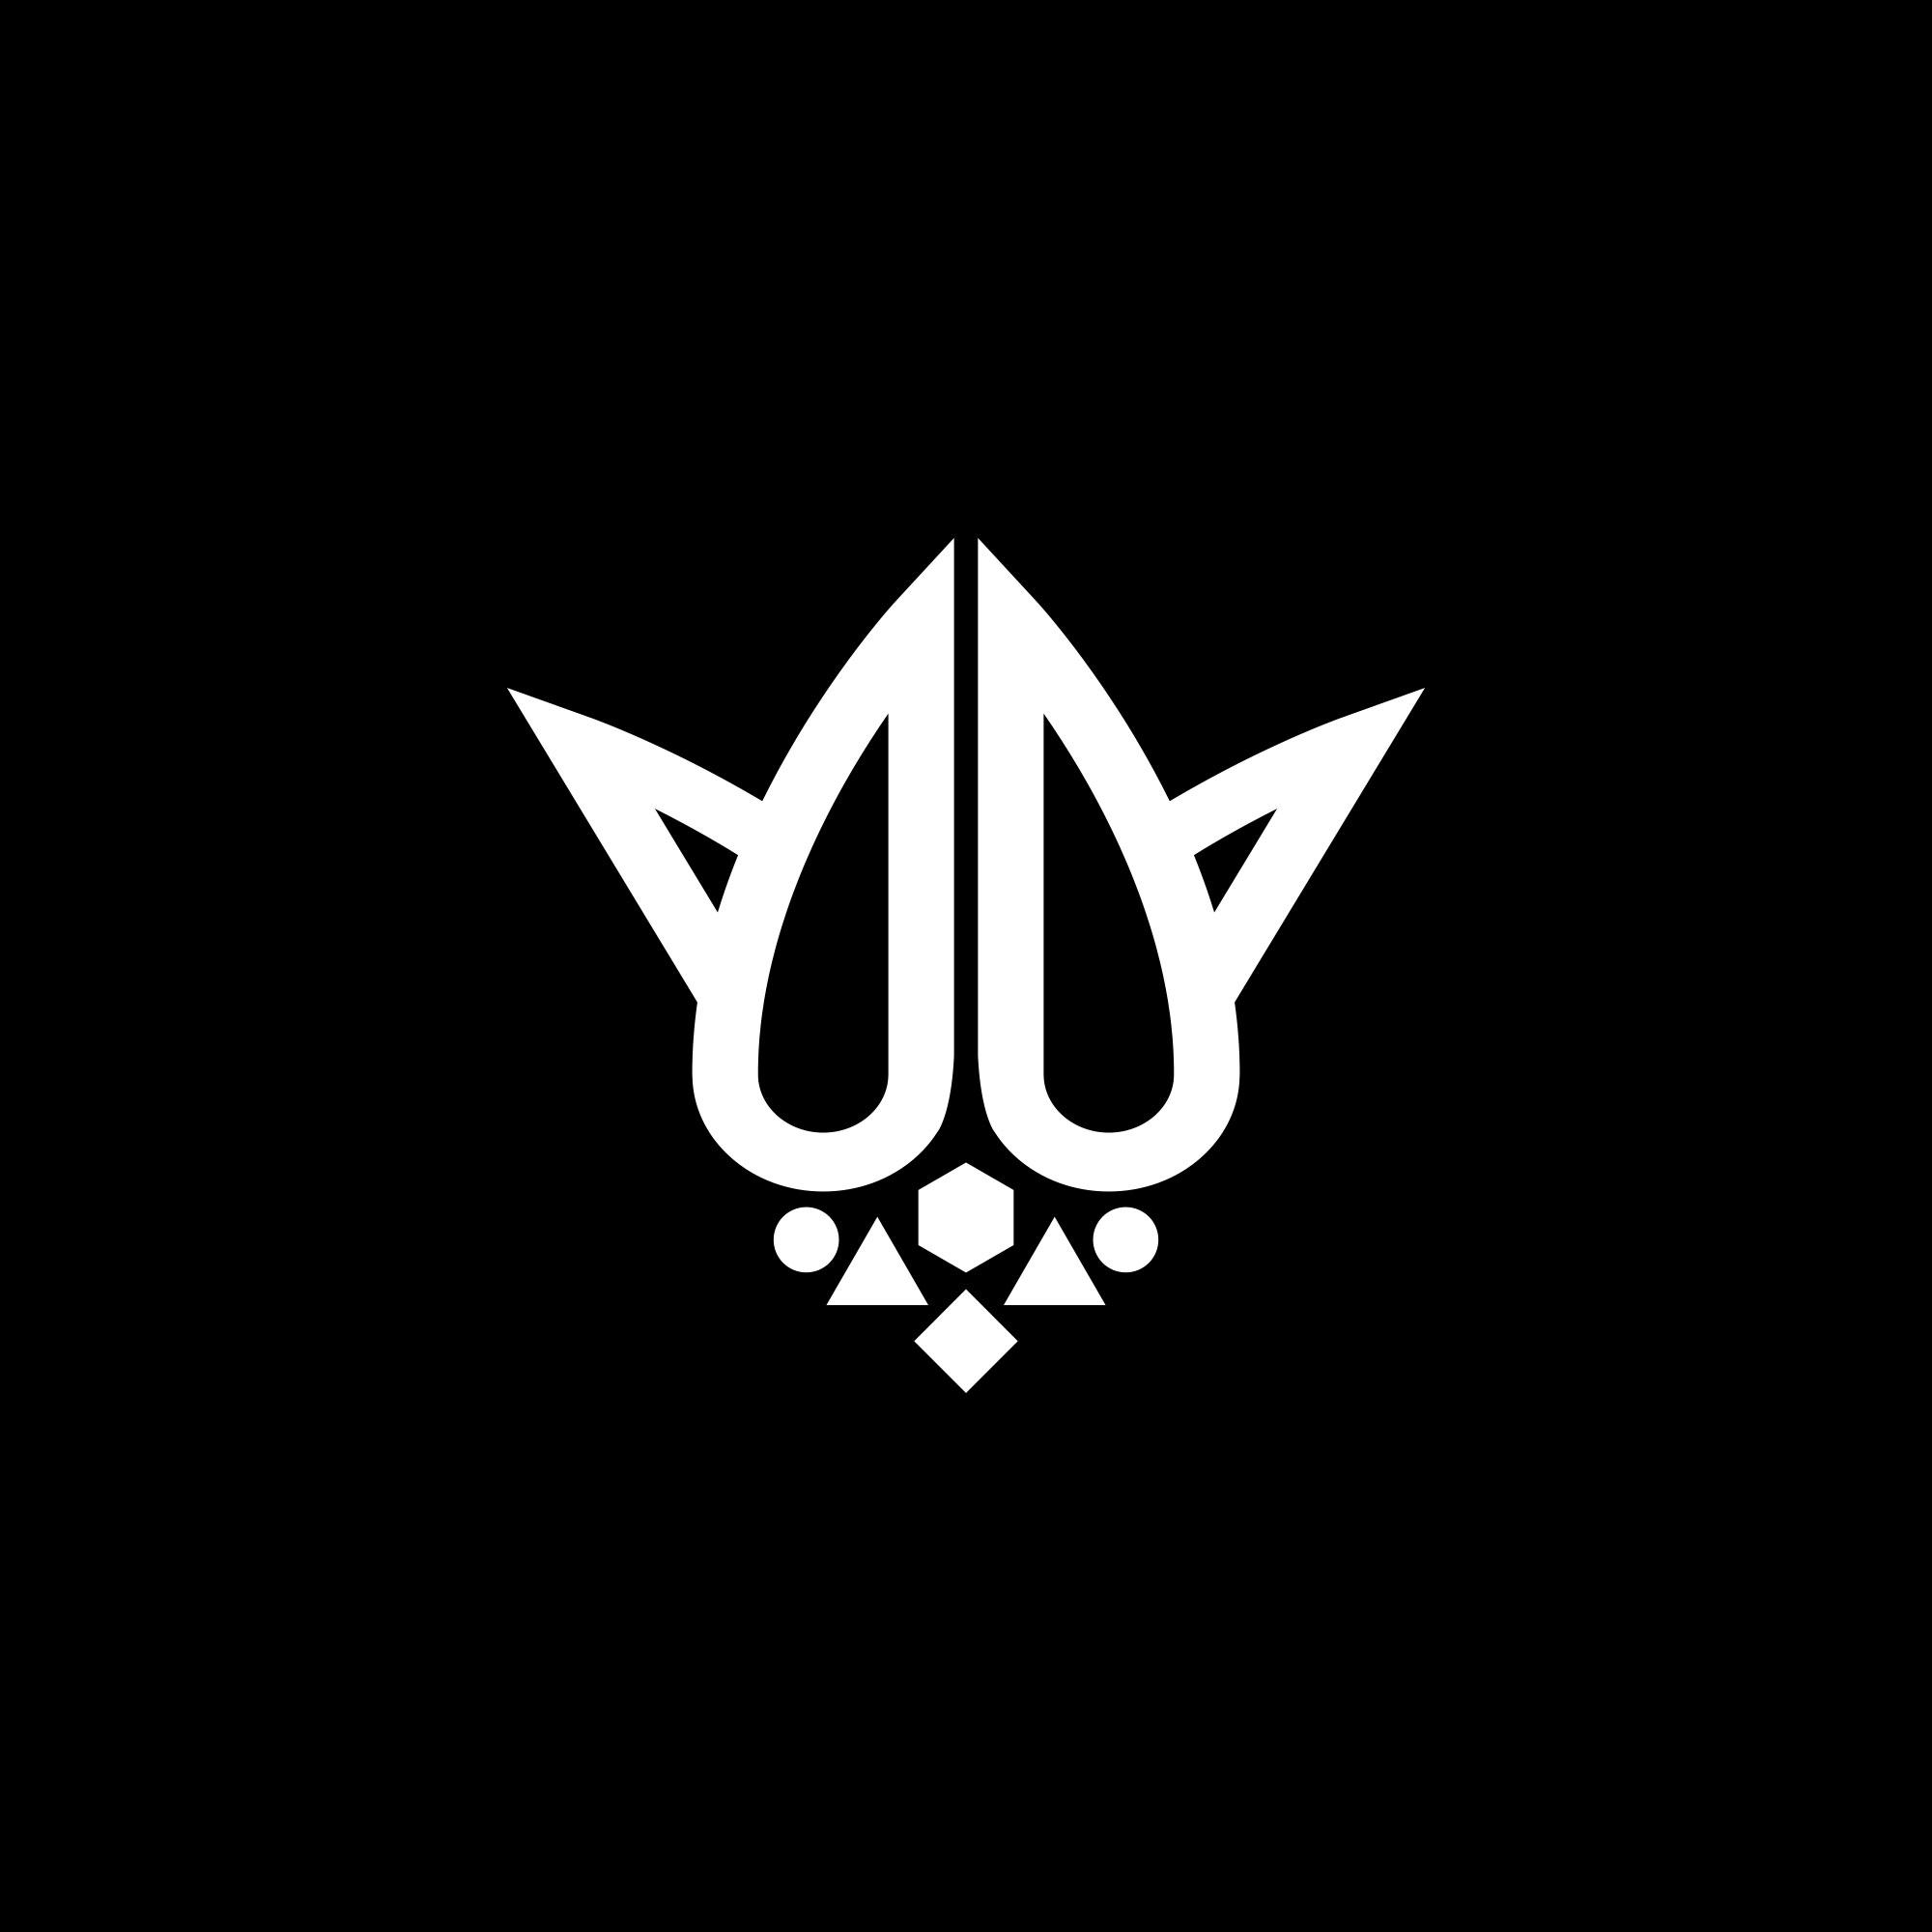 logos  u2013 ruud van eijk